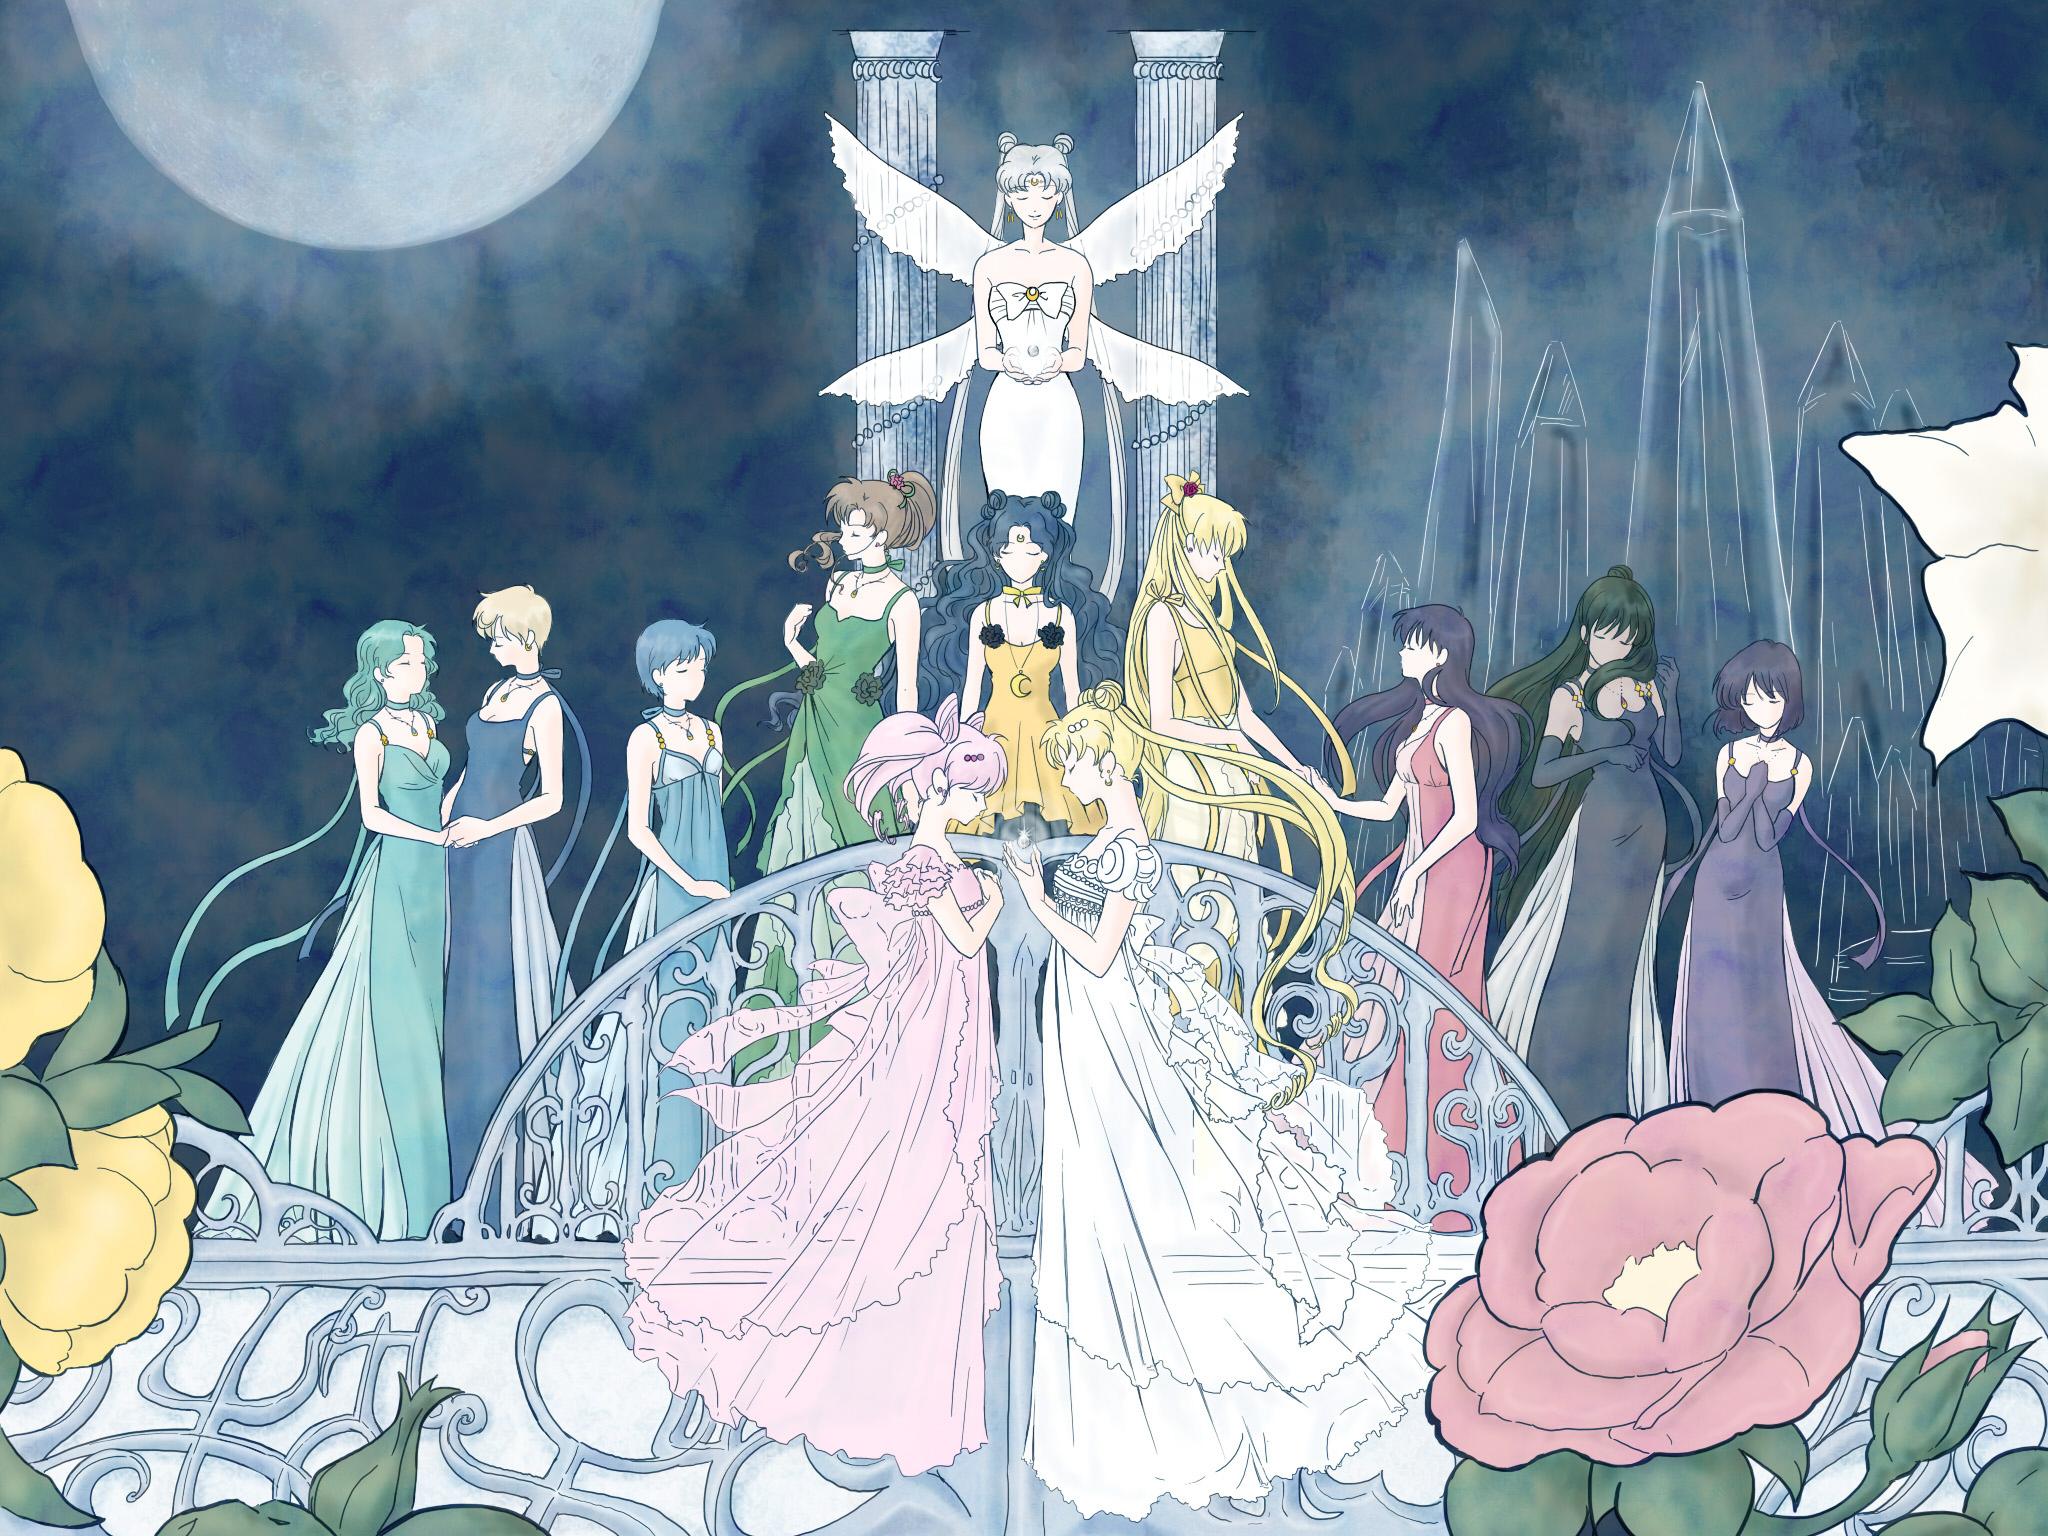 47 Anime Sailor Moon Crystal Wallpaper On Wallpapersafari